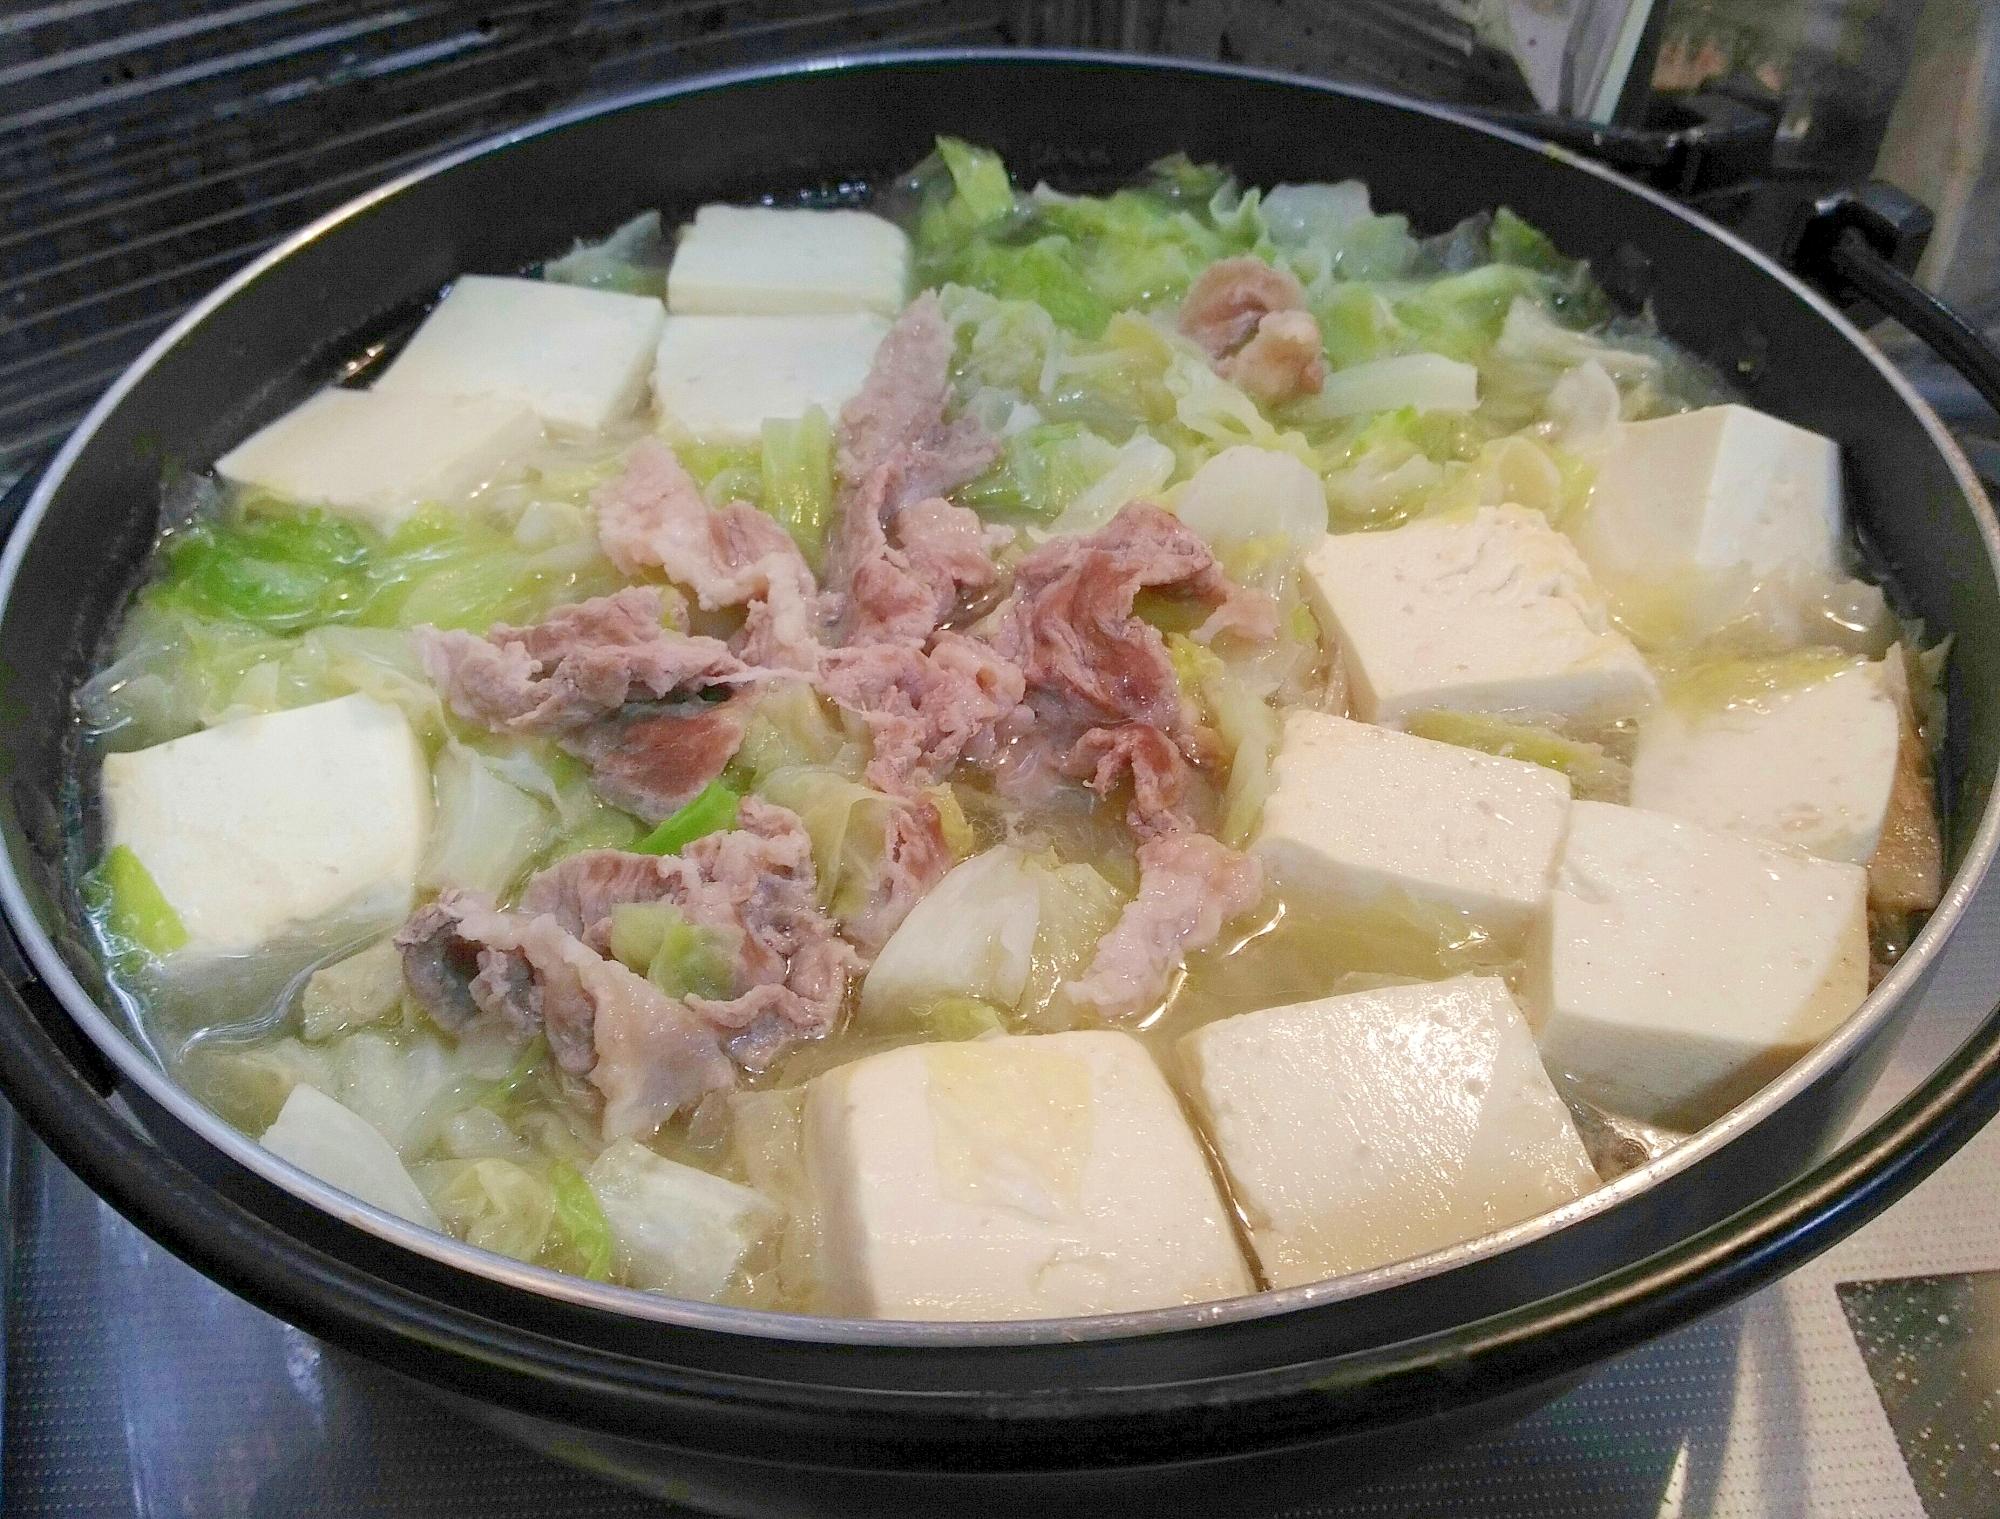 ウェイパーで☆豚肉とキャベツの中華鍋 レシピ・作り方 by うーころちゃん 楽天レシピ